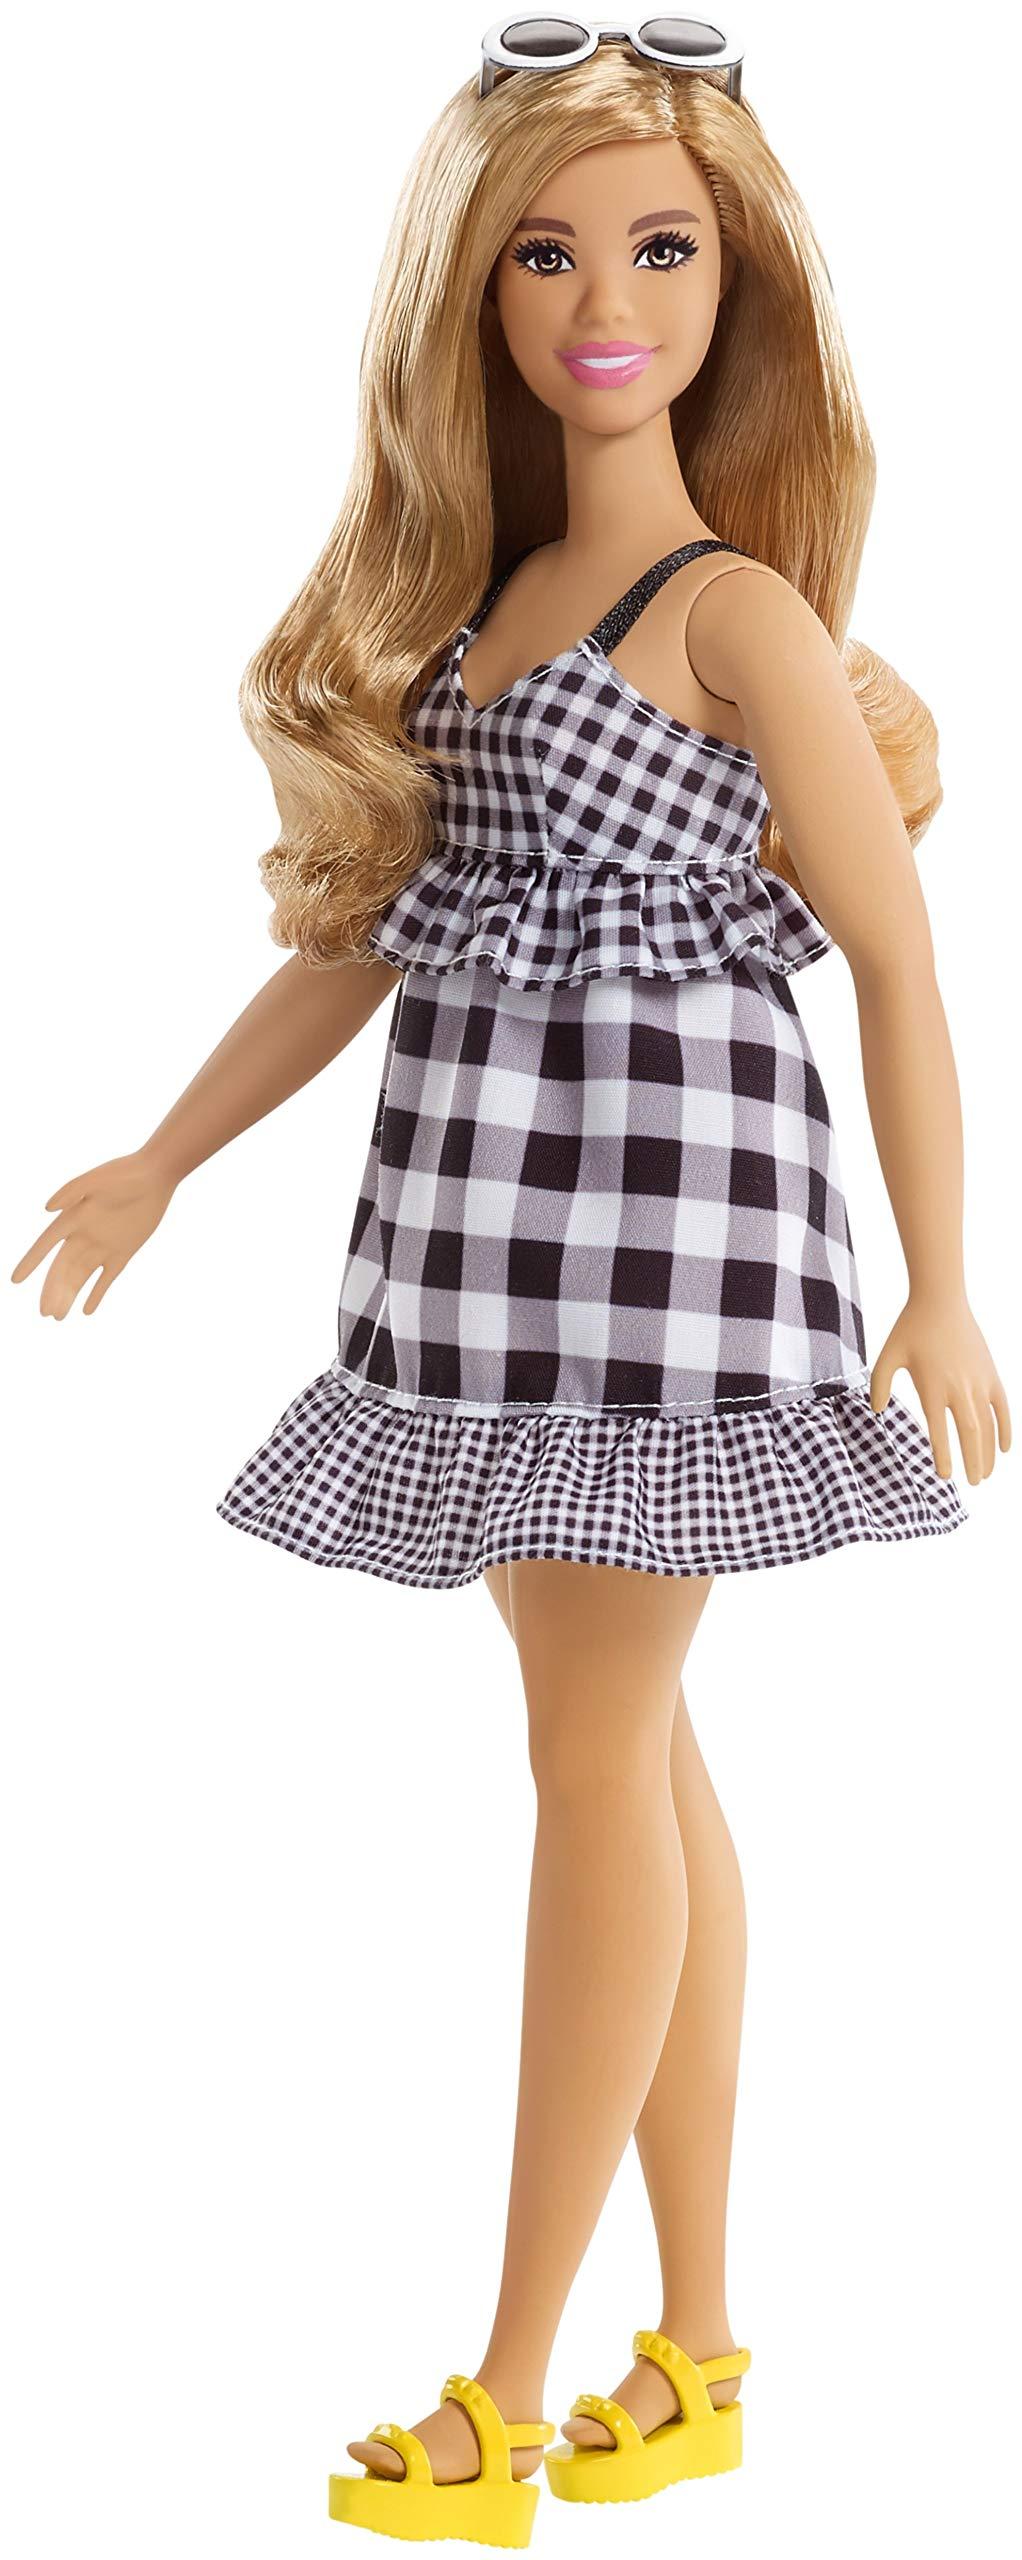 Barbie Fashionistas Doll 96